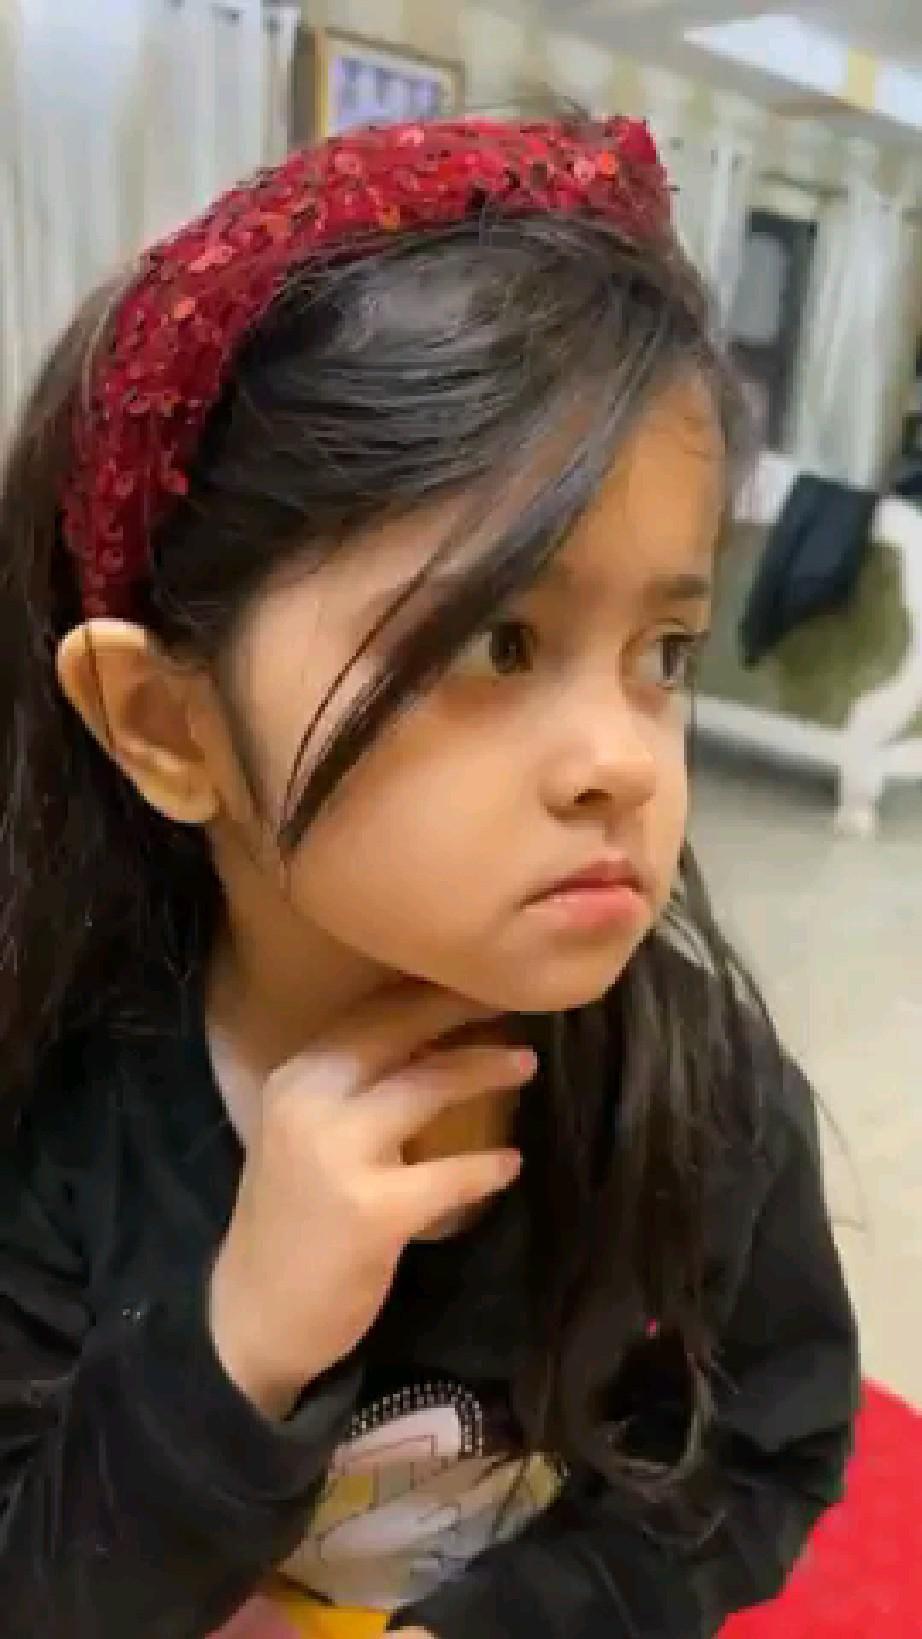 Funny Status || Cute Baby Girl 😜😜